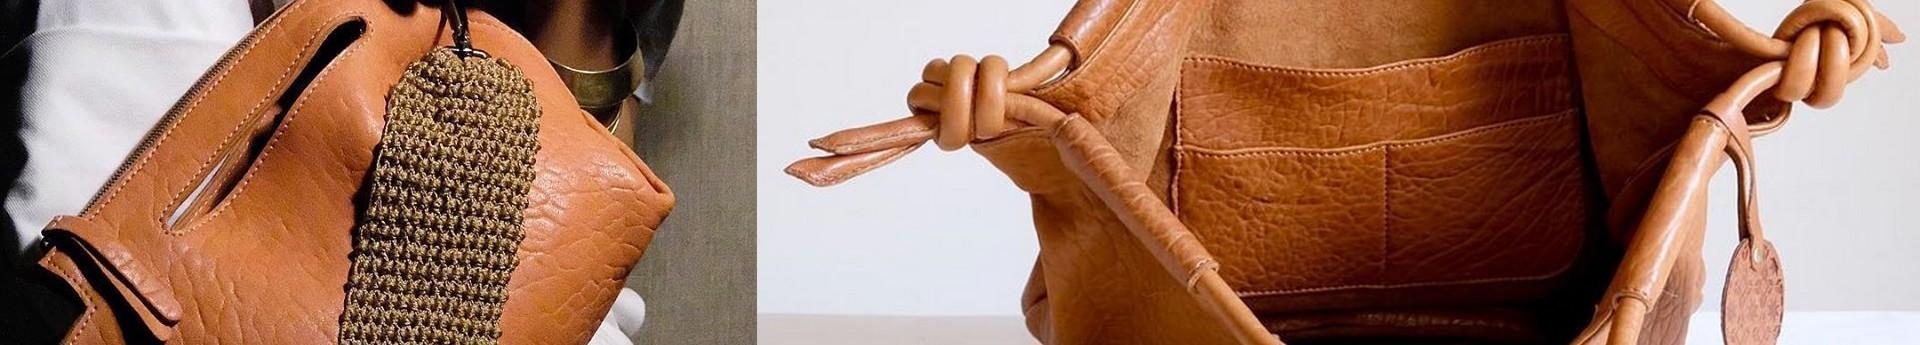 Sélection de paniers, sacs, cabas en cuir, fibre, paille ....